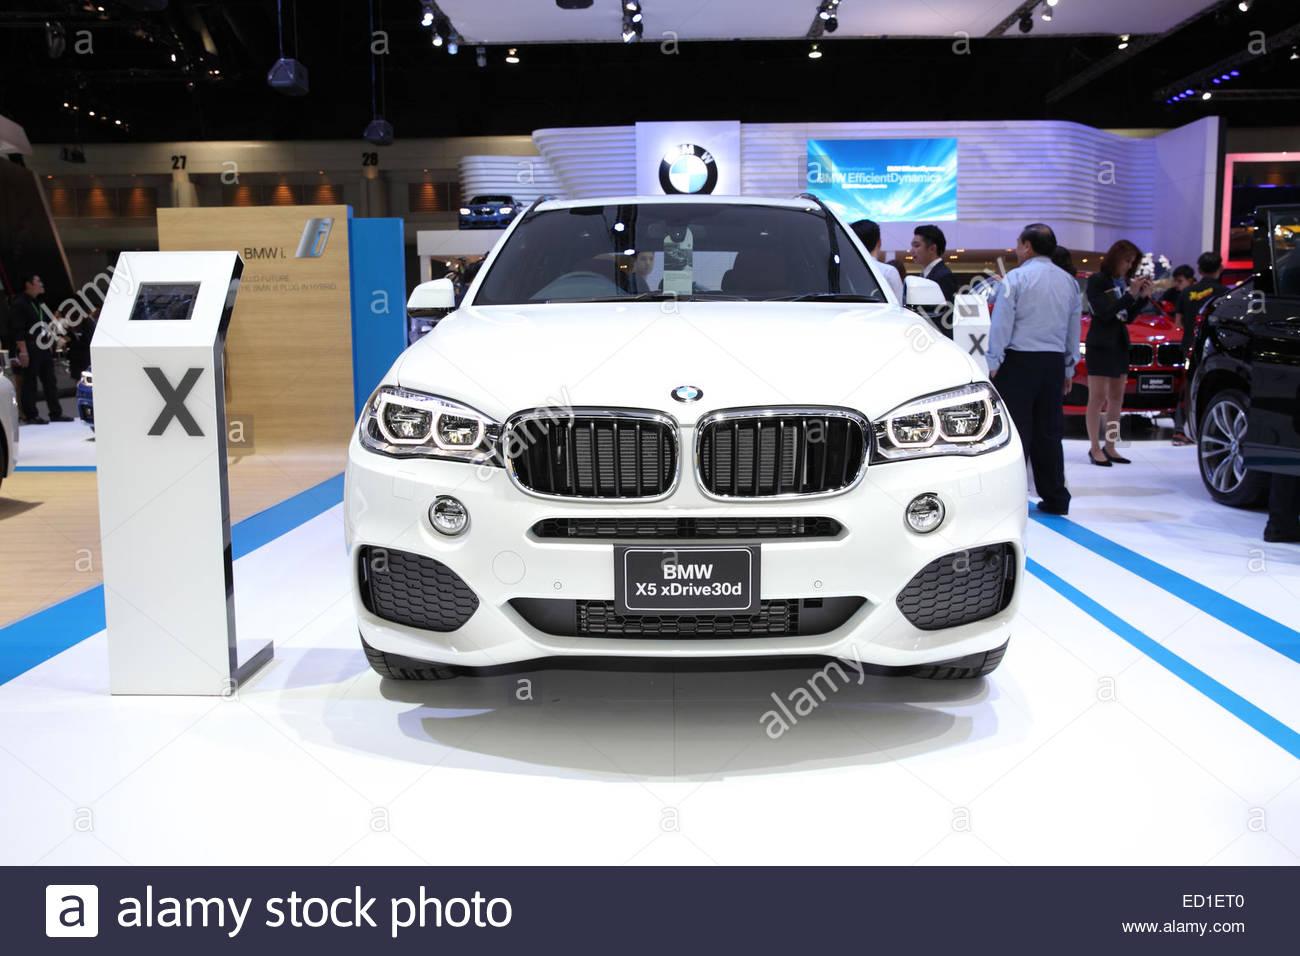 BANGKOK - November 28: BMW X5 xdrive30d  car on display at The Motor Expo 2014 on November 28, 2014 in Bangkok, - Stock Image